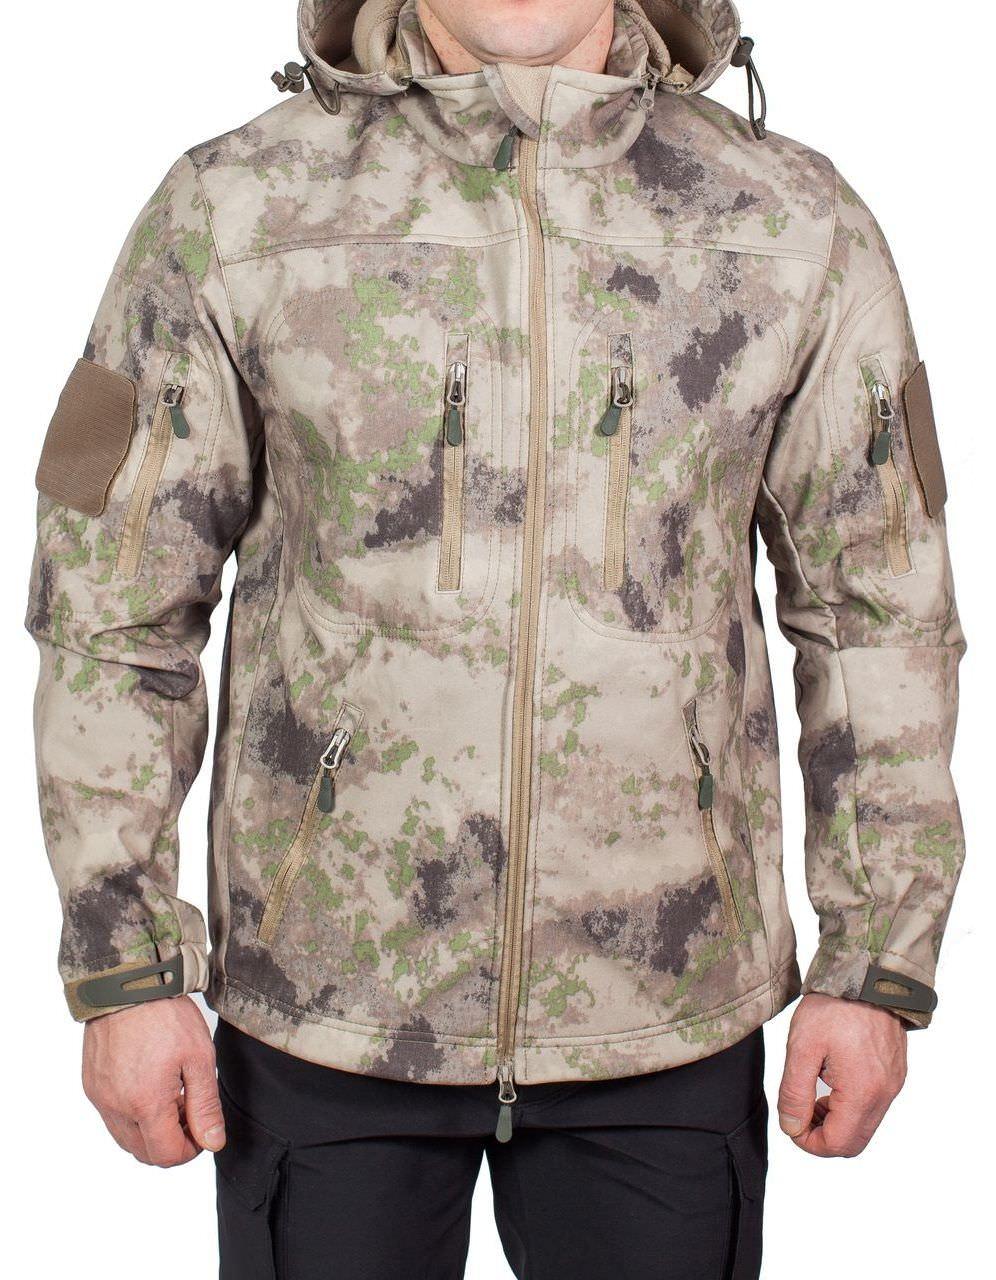 Куртка МПА-26-01 КМФ (софтшелл, песок), Magellan Куртки софтшелл (Softshell)<br>Куртка МПА-26-01 предназначена для поддержания <br>комфортной температуры тела в холодное <br>время года при активной физической деятельности, <br>при ветре и дожде. Эффективно отводит пар <br>от тела, не пропускает влагу извне. ХАРАКТЕРИСТИКИ <br>ЗАЩИТА ОТ ХОЛОДА ЗАЩИТА ОТ ДОЖДЯ И ВЕТРА <br>ДЛЯ ИНТЕНСИВНЫХ НАГРУЗОК ДЛЯ АКТИВНОГО <br>ОТДЫХА ТОЛЬКО РУЧНАЯ СТИРКА МАТЕРИАЛЫ СОФТШЕЛЛ <br>ФЛИС МЕМБРАНА<br><br>Пол: мужской<br>Сезон: демисезонный<br>Цвет: бежевый<br>Материал: мембрана